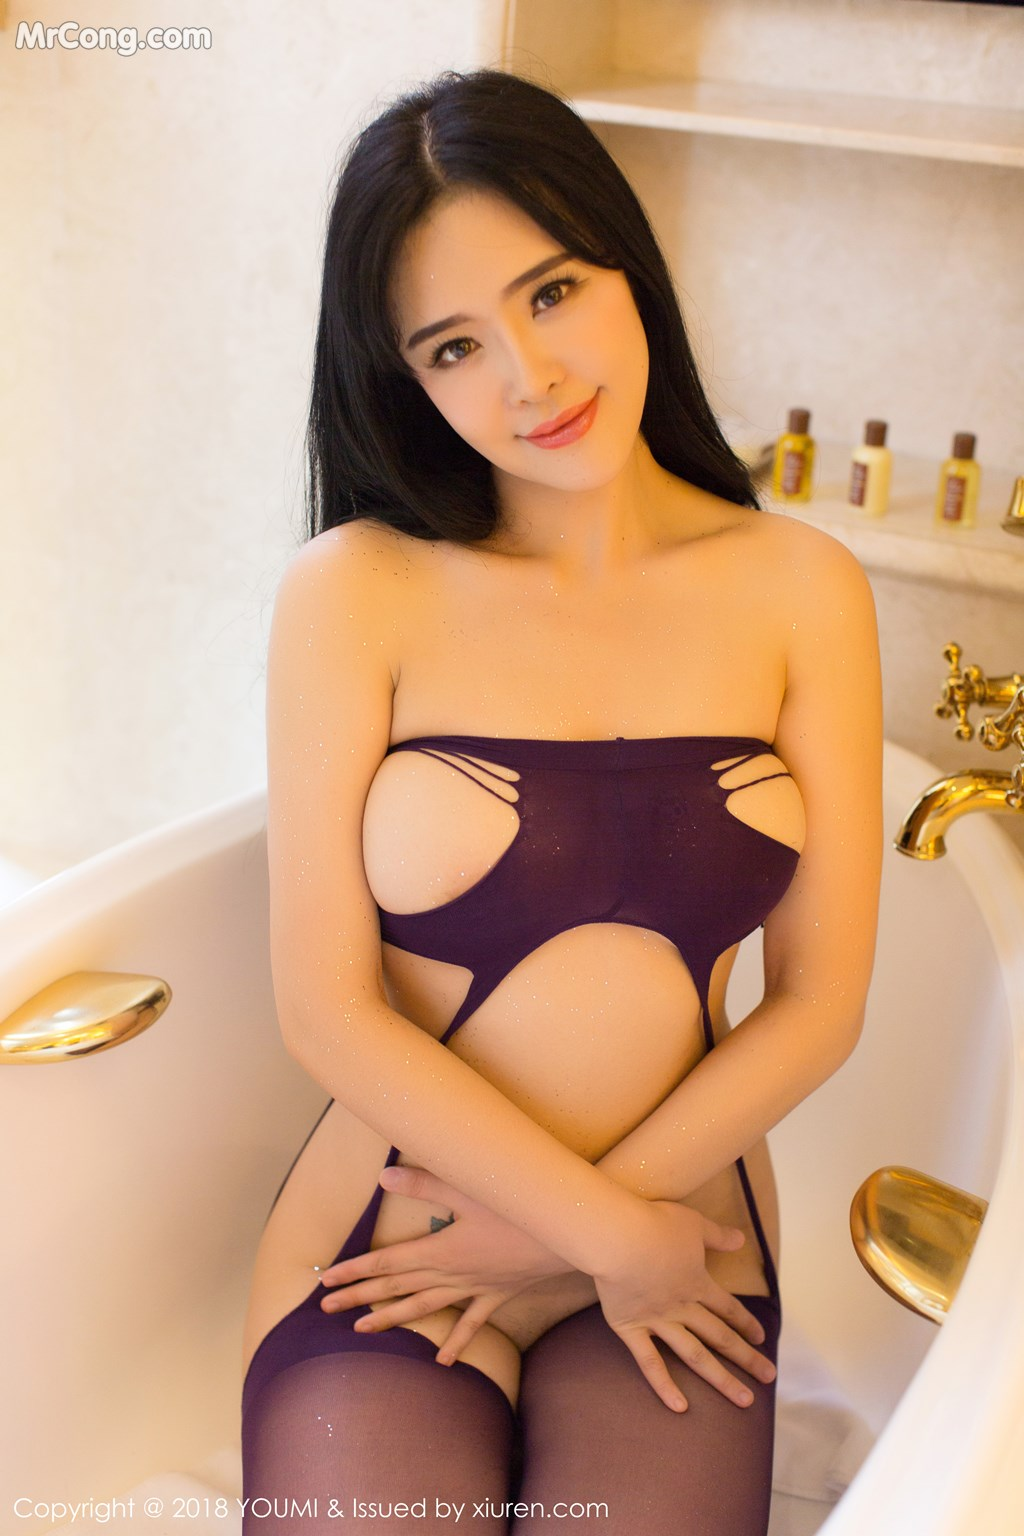 Image YouMi-Vol.124-Liu-Yu-Er-MrCong.com-029 in post YouMi Vol.124: Người mẫu Liu Yu Er (刘钰儿) (41 ảnh)